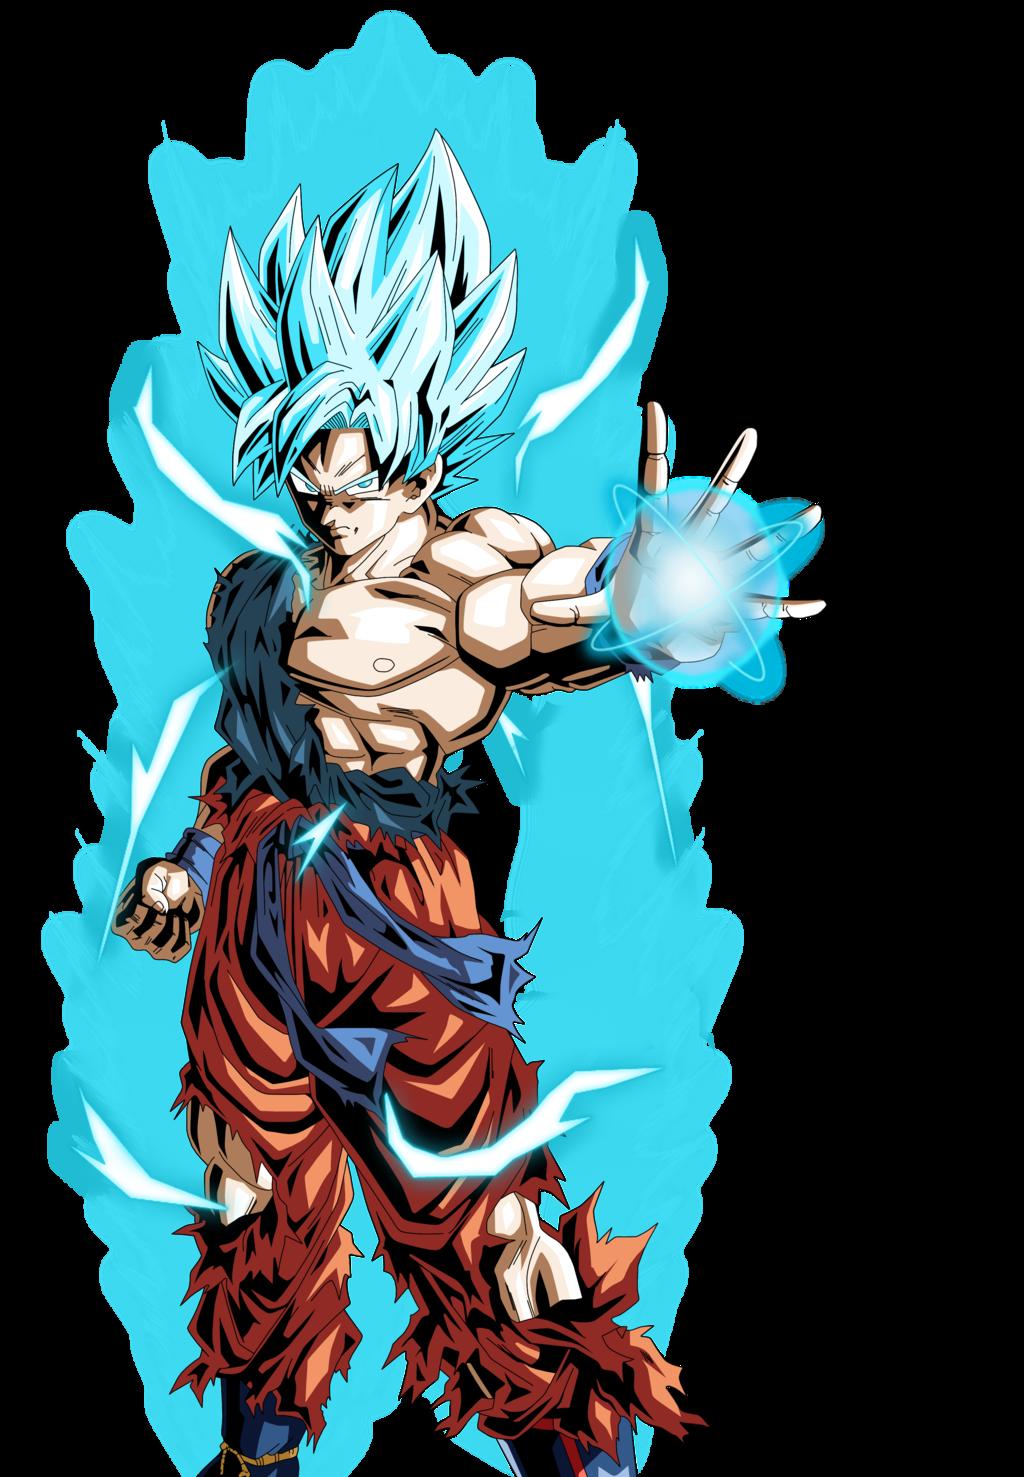 Goku SSJ God Wallpaper - WallpaperSafari